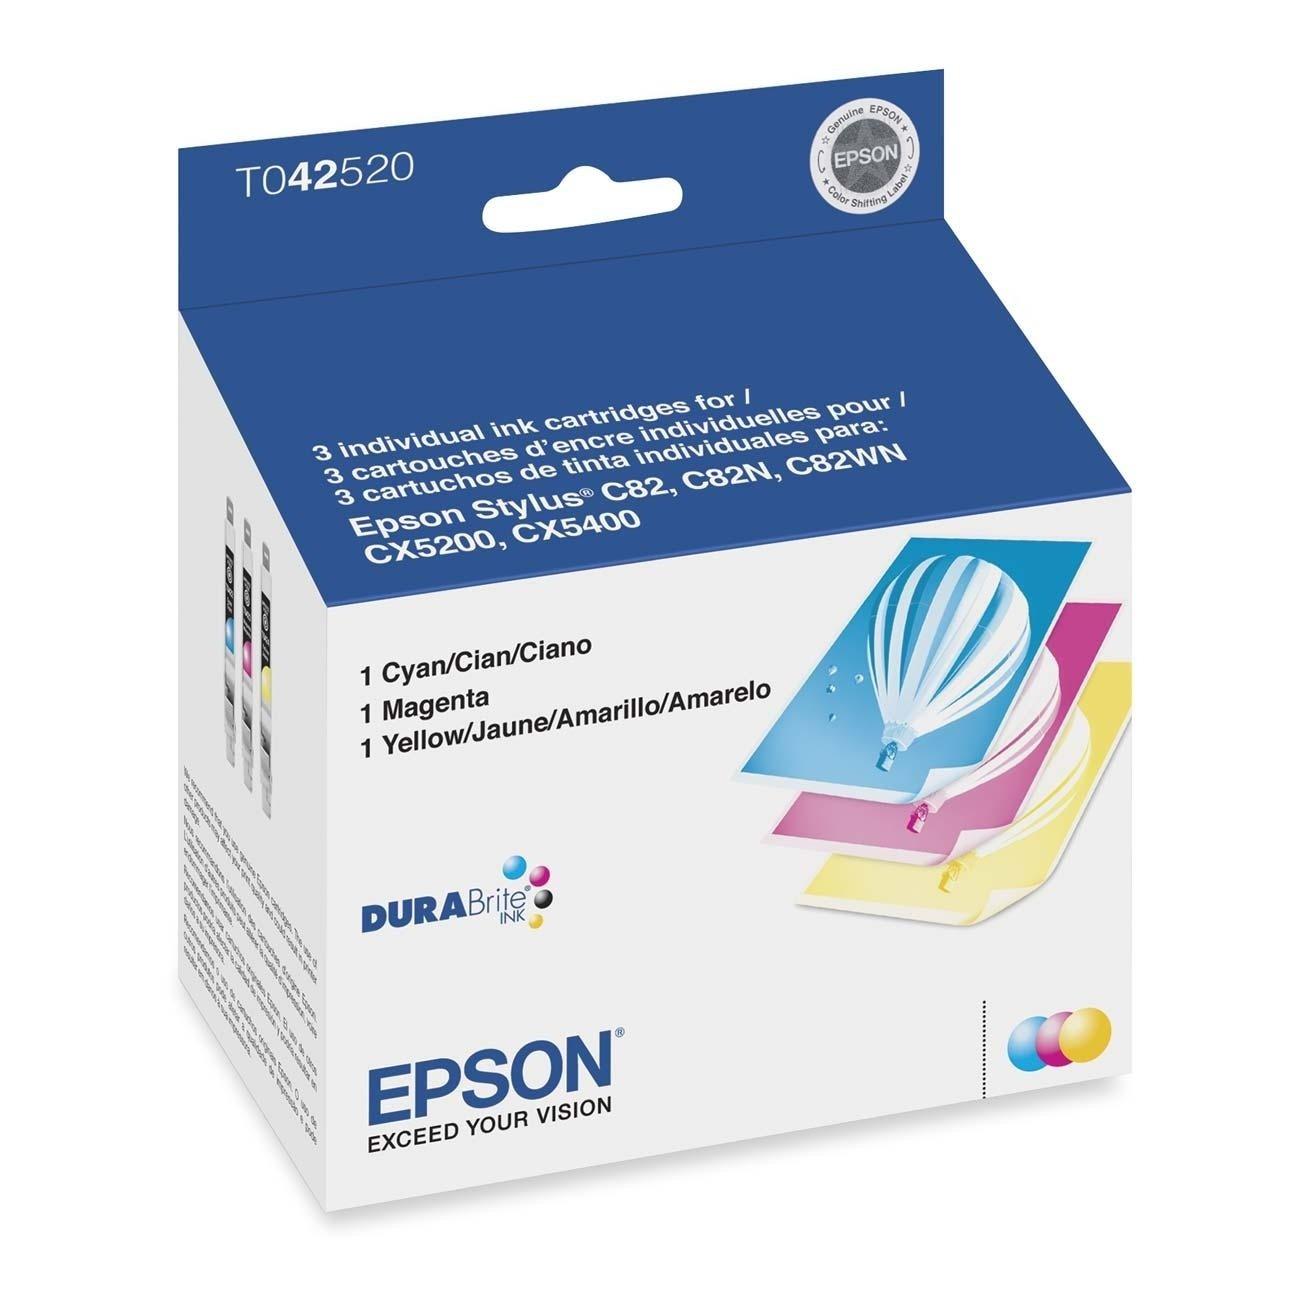 Amazon.com: T042520 Cartuchos de impresora Epson t042520-ink ...